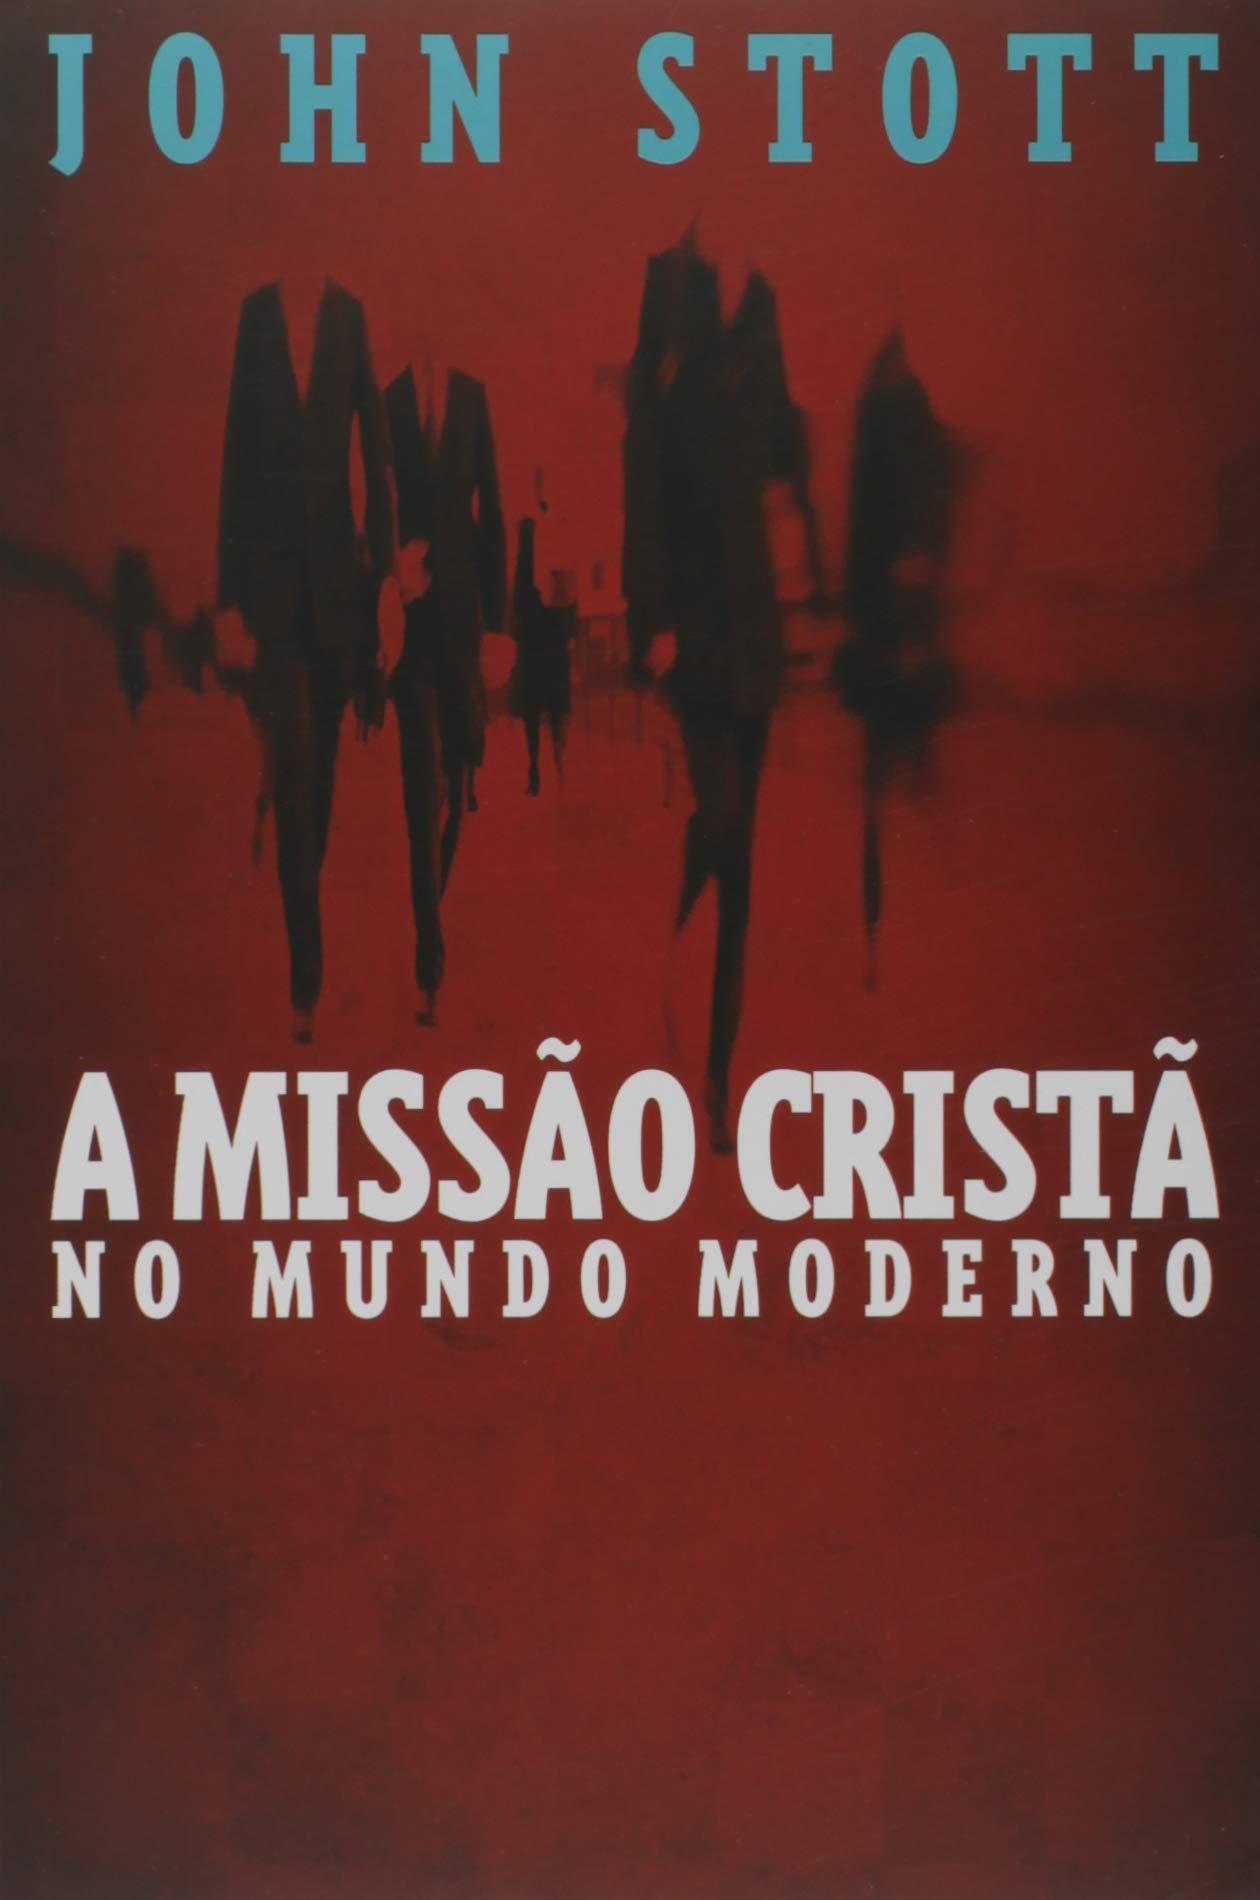 A Missão Cristã no Mundo Moderno   Amazon.com.br